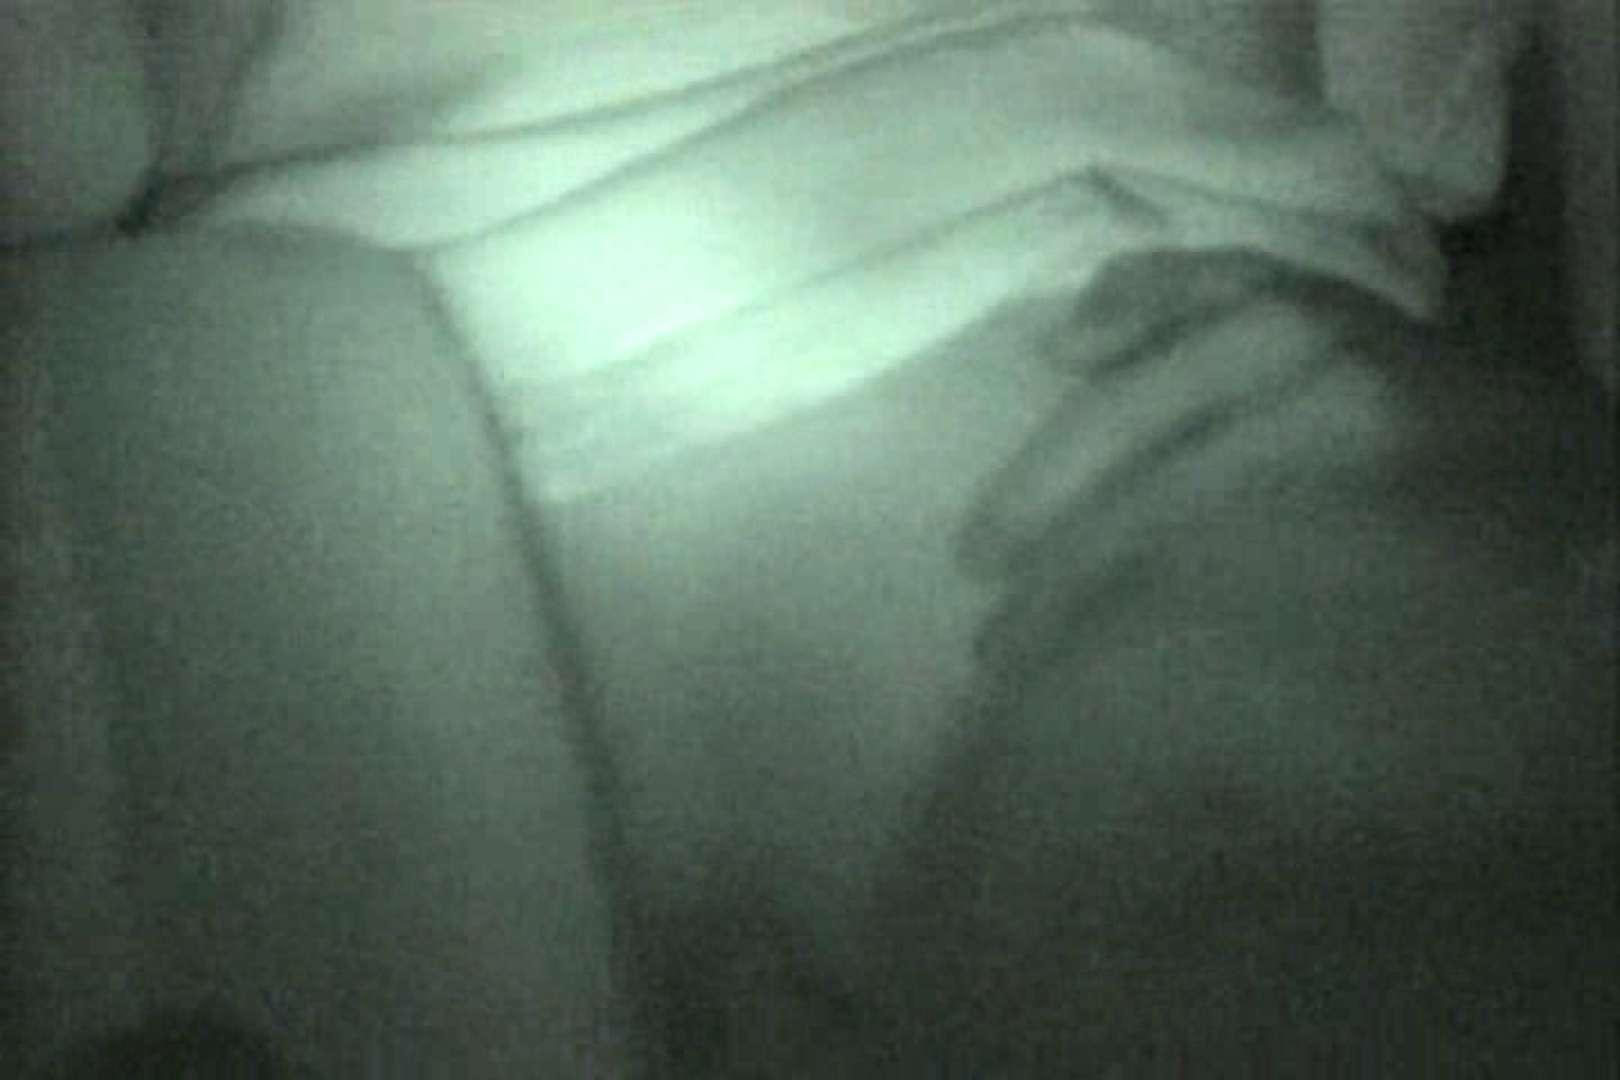 蔵出し!!赤外線カーセックスVol.16 カーセックス エロ画像 89連発 6